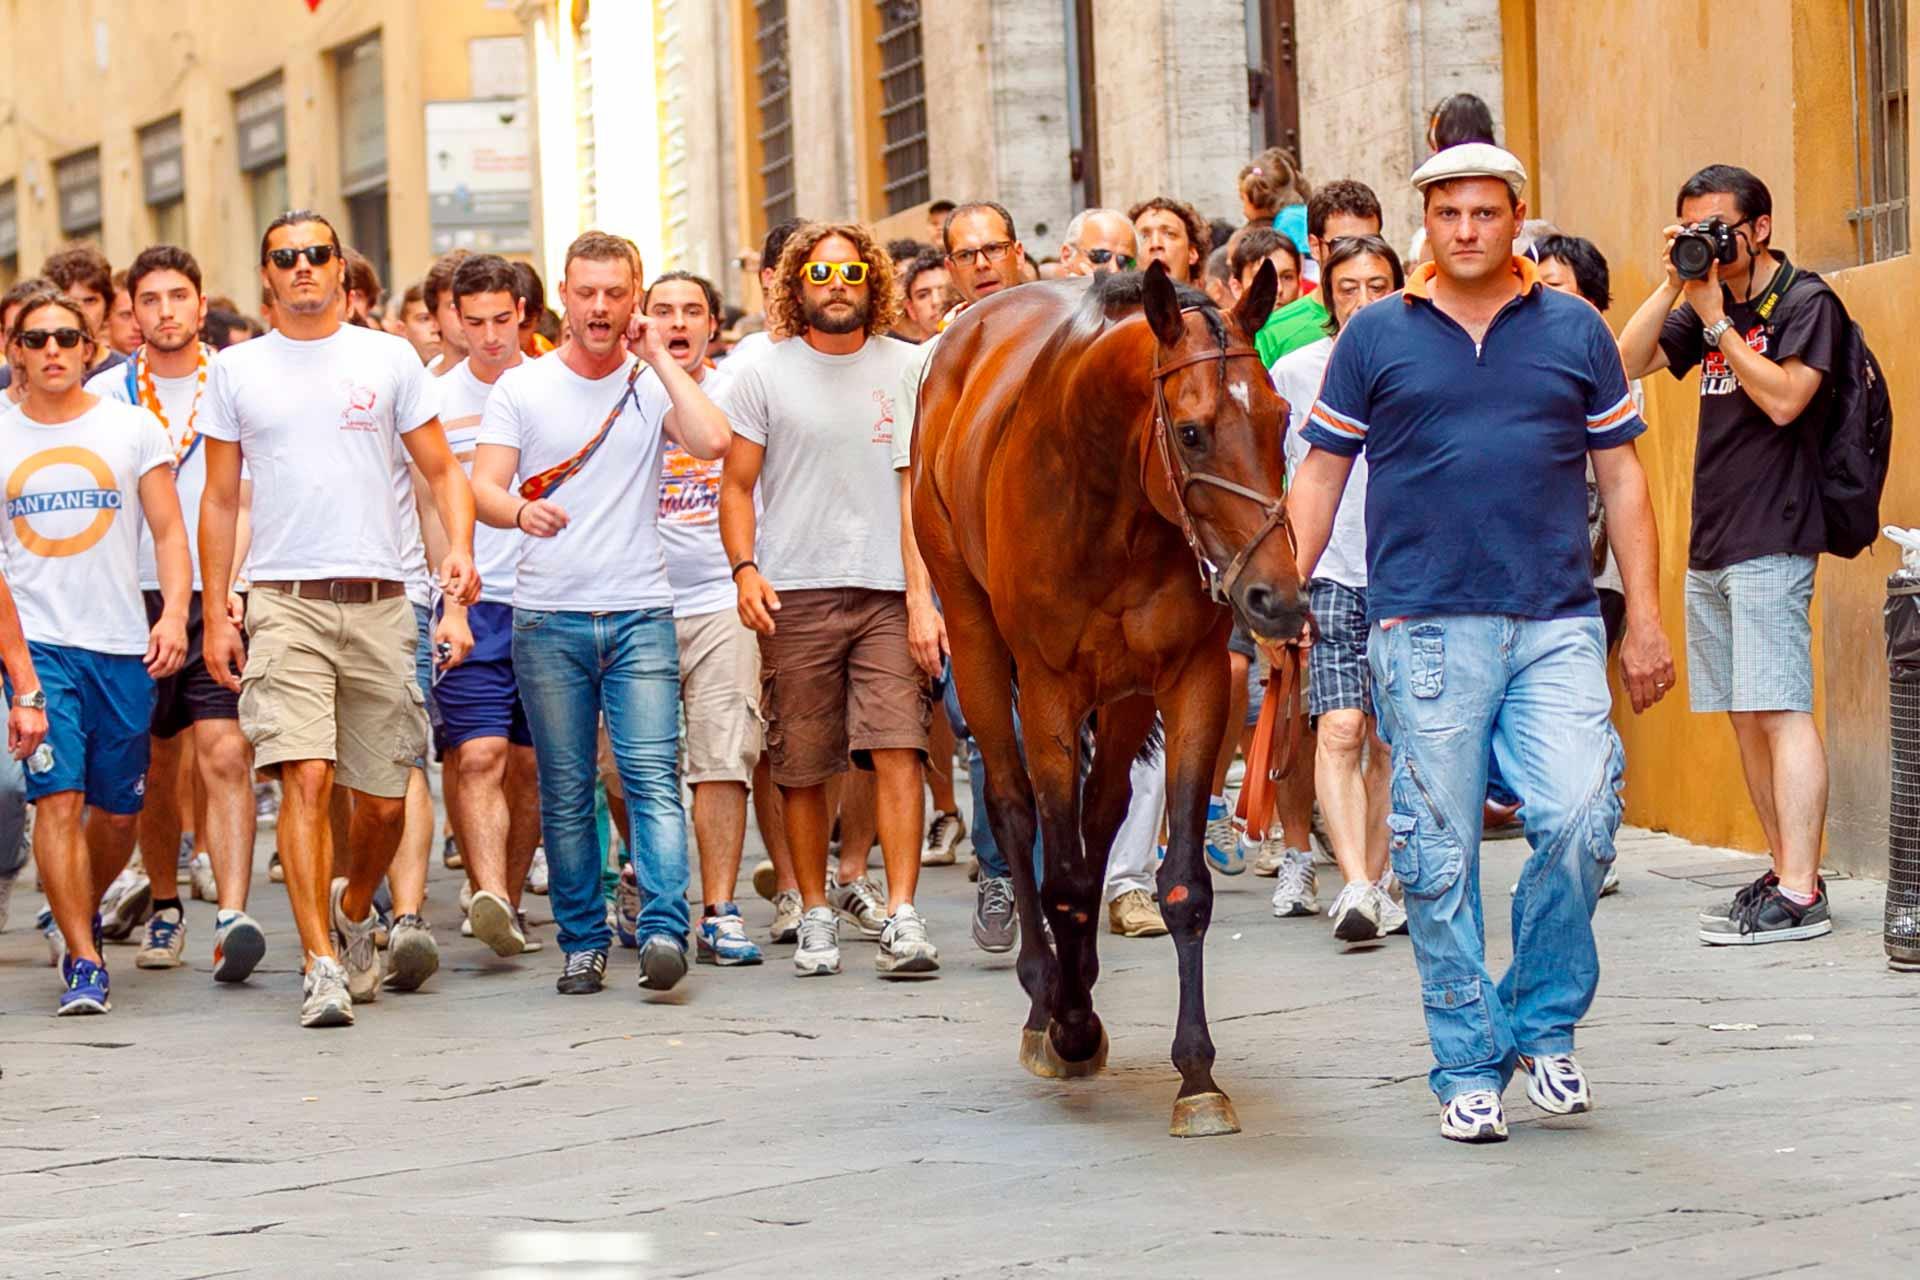 IL SORTEGGIO - Bàrbero e Barbaresco, seguiti dai contradaioli che inneggiano i canti di contrada, si trasferiscono dalla Piazza alla stalla.